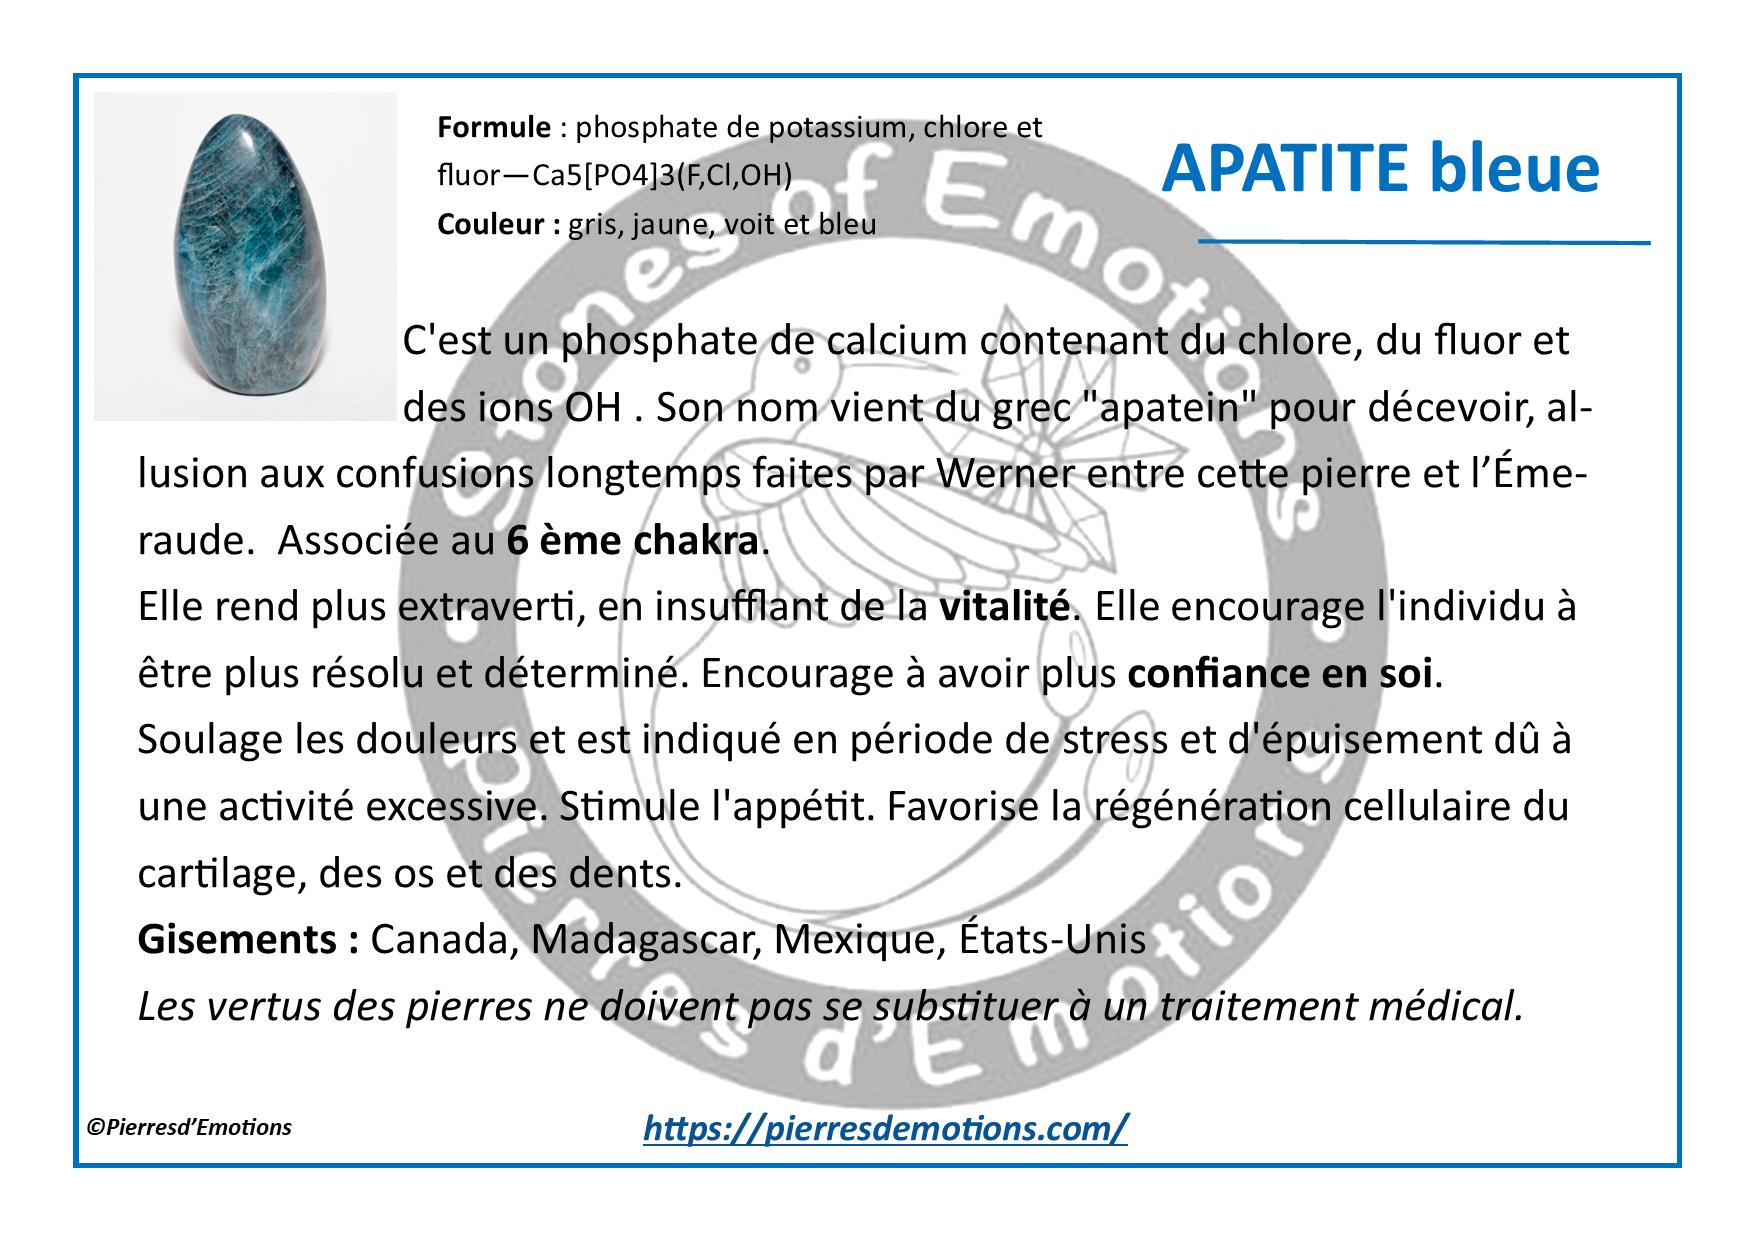 ApatiteBleue